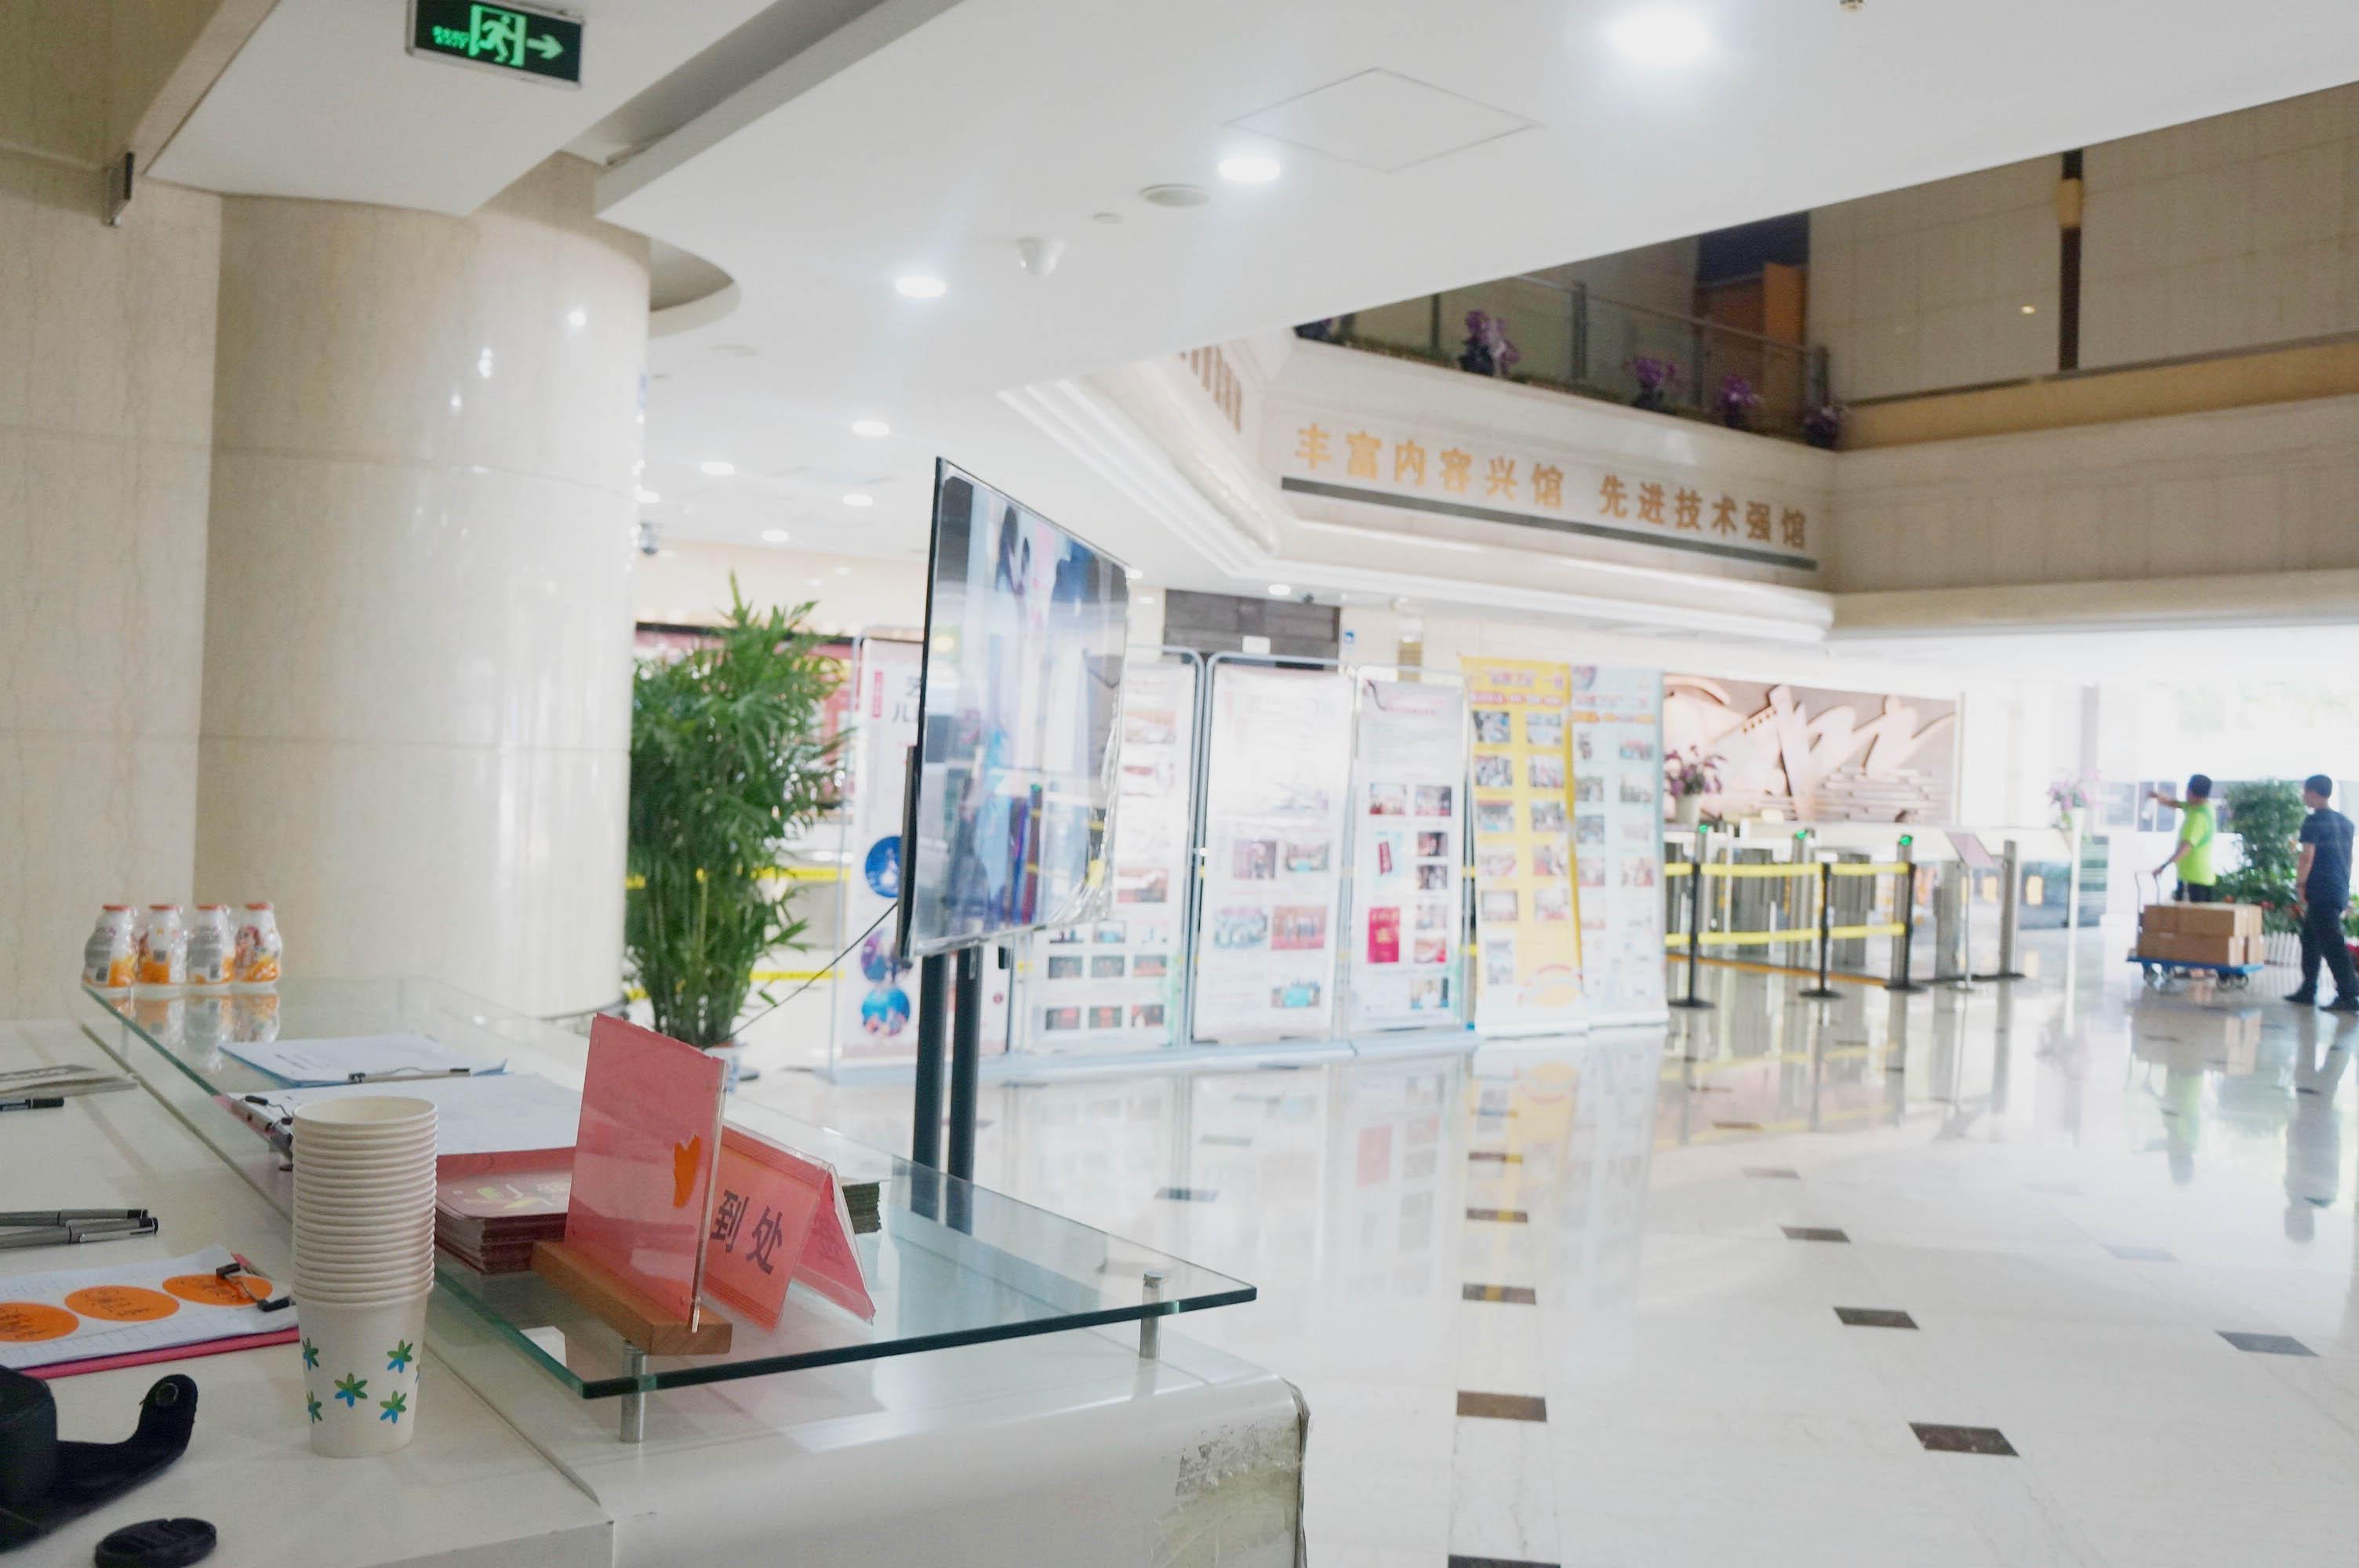 艺冉少儿艺术传播中心一楼大厅展示(1)